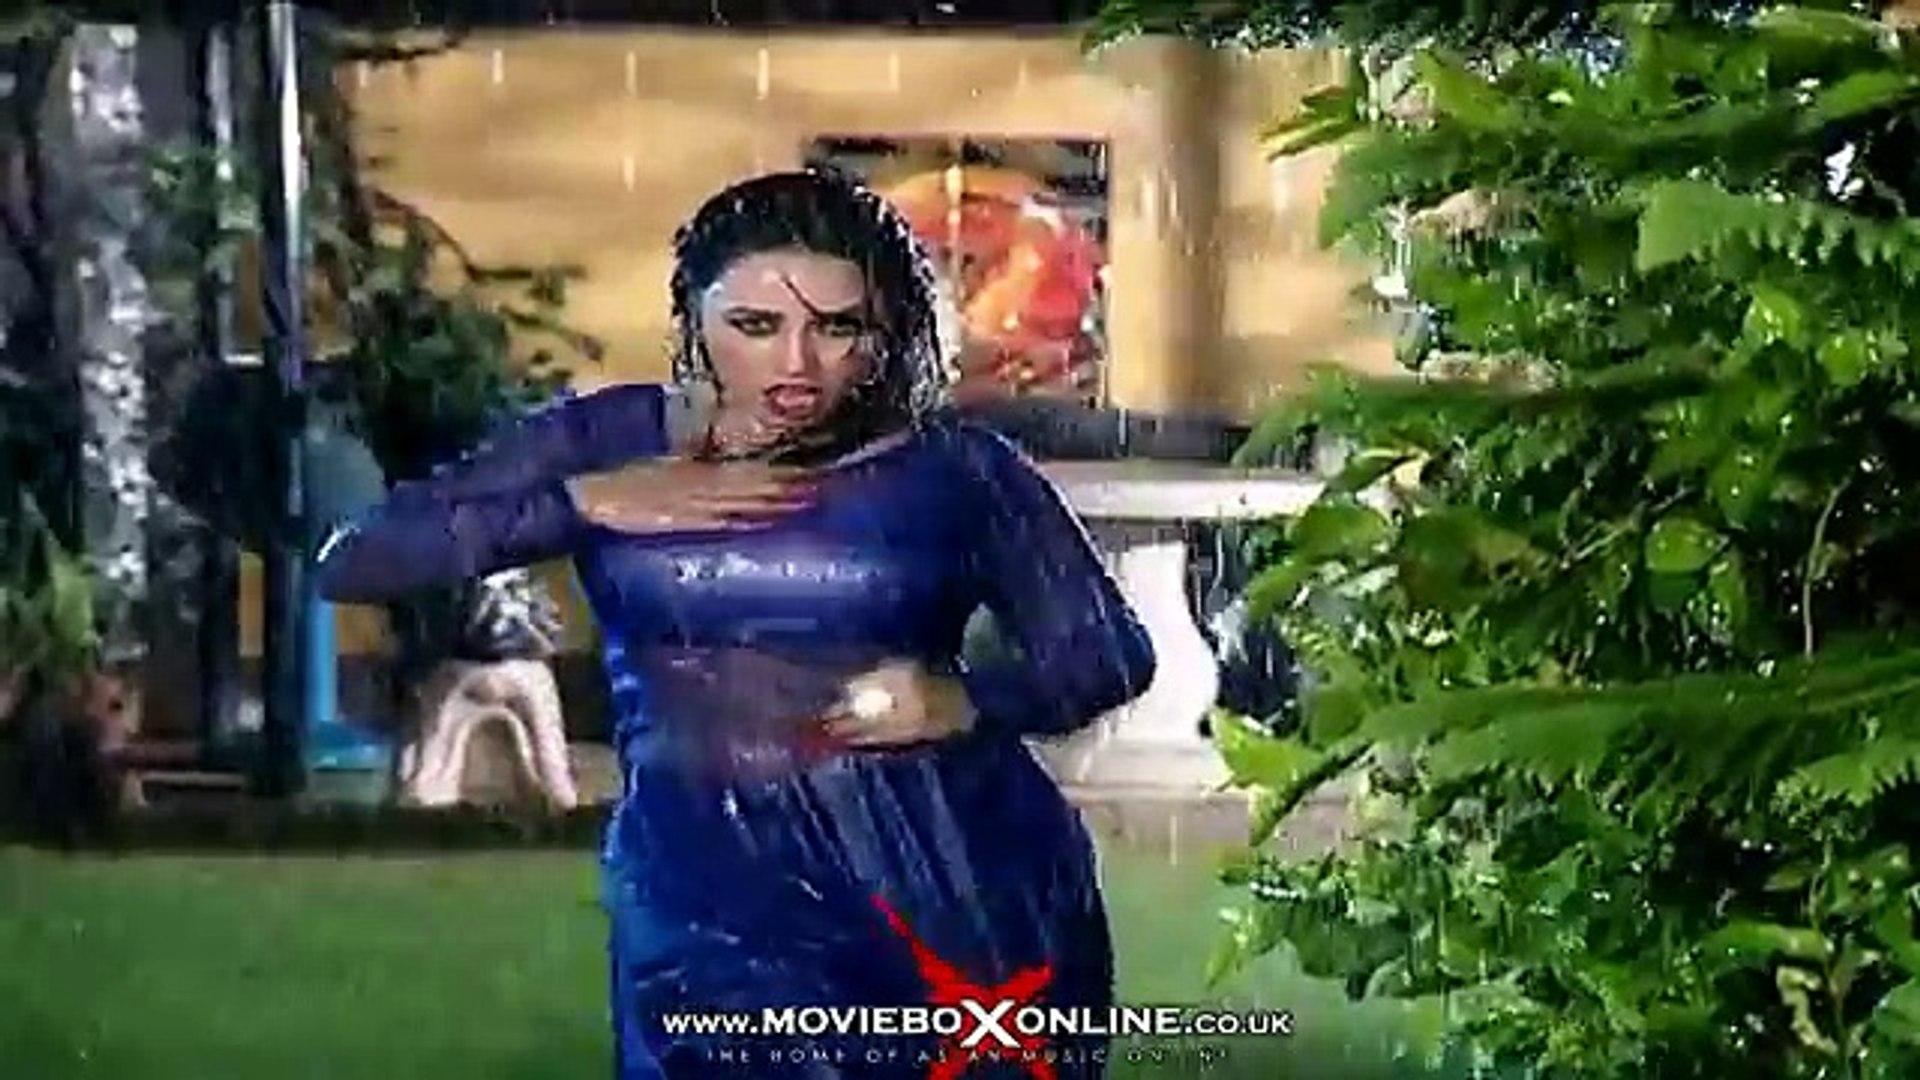 SHEEZA RAIN HOT MUJRA HD